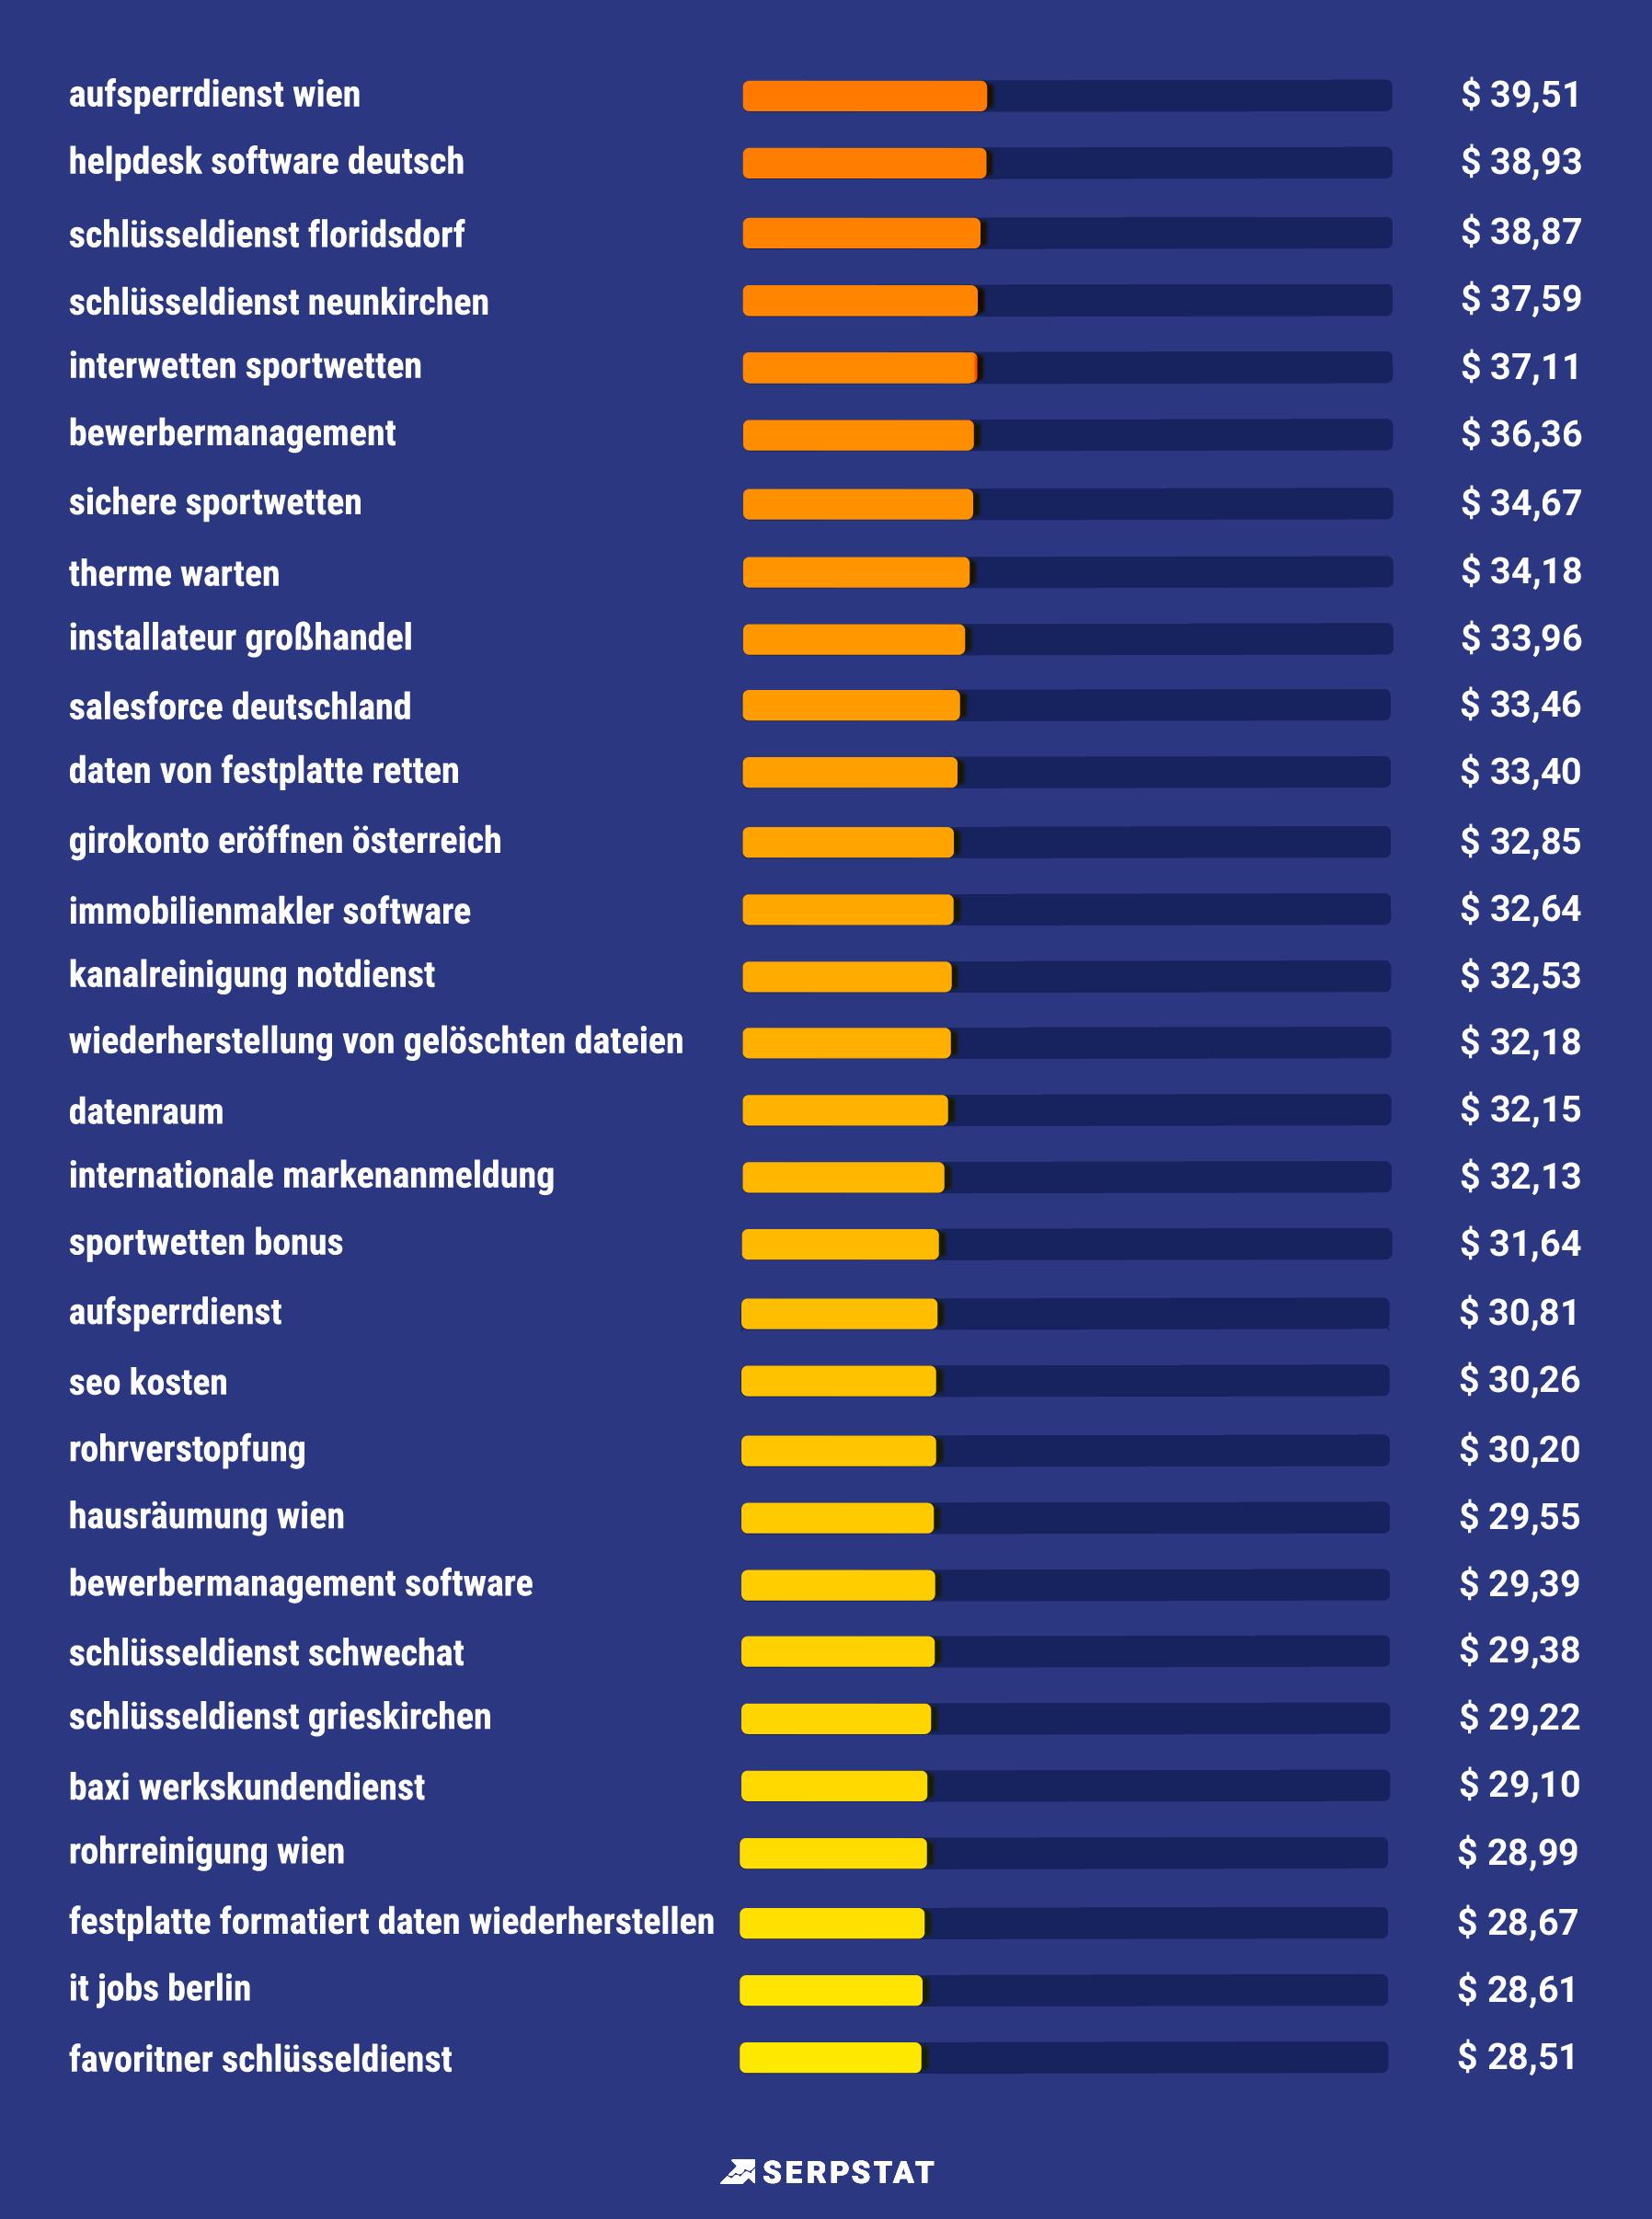 Serpstat-Studie: Die teuersten Keywords in Deutschland und Österreich bei Google 16261788292894